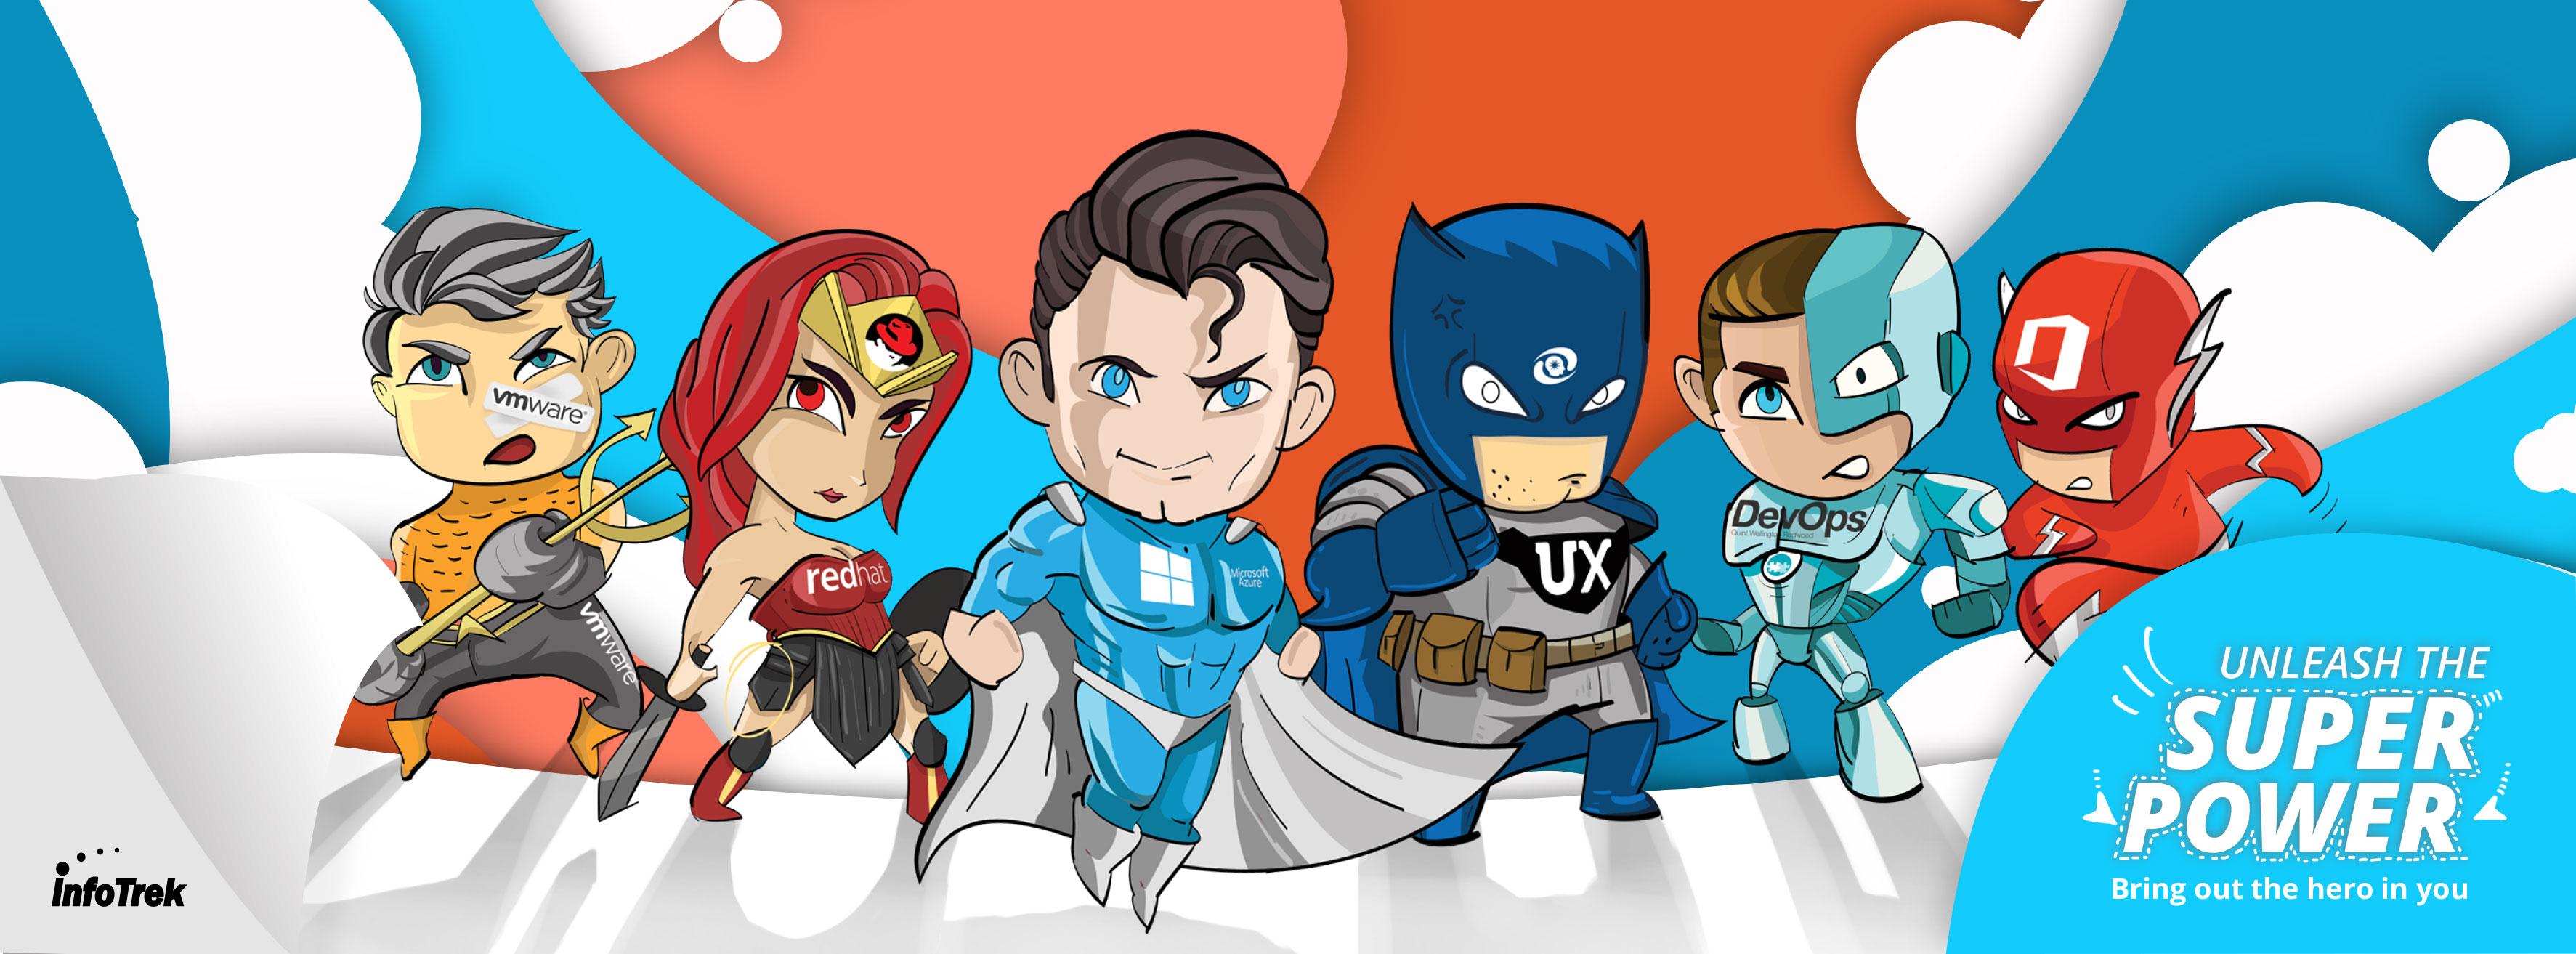 Superpower Campaign by Info Trek